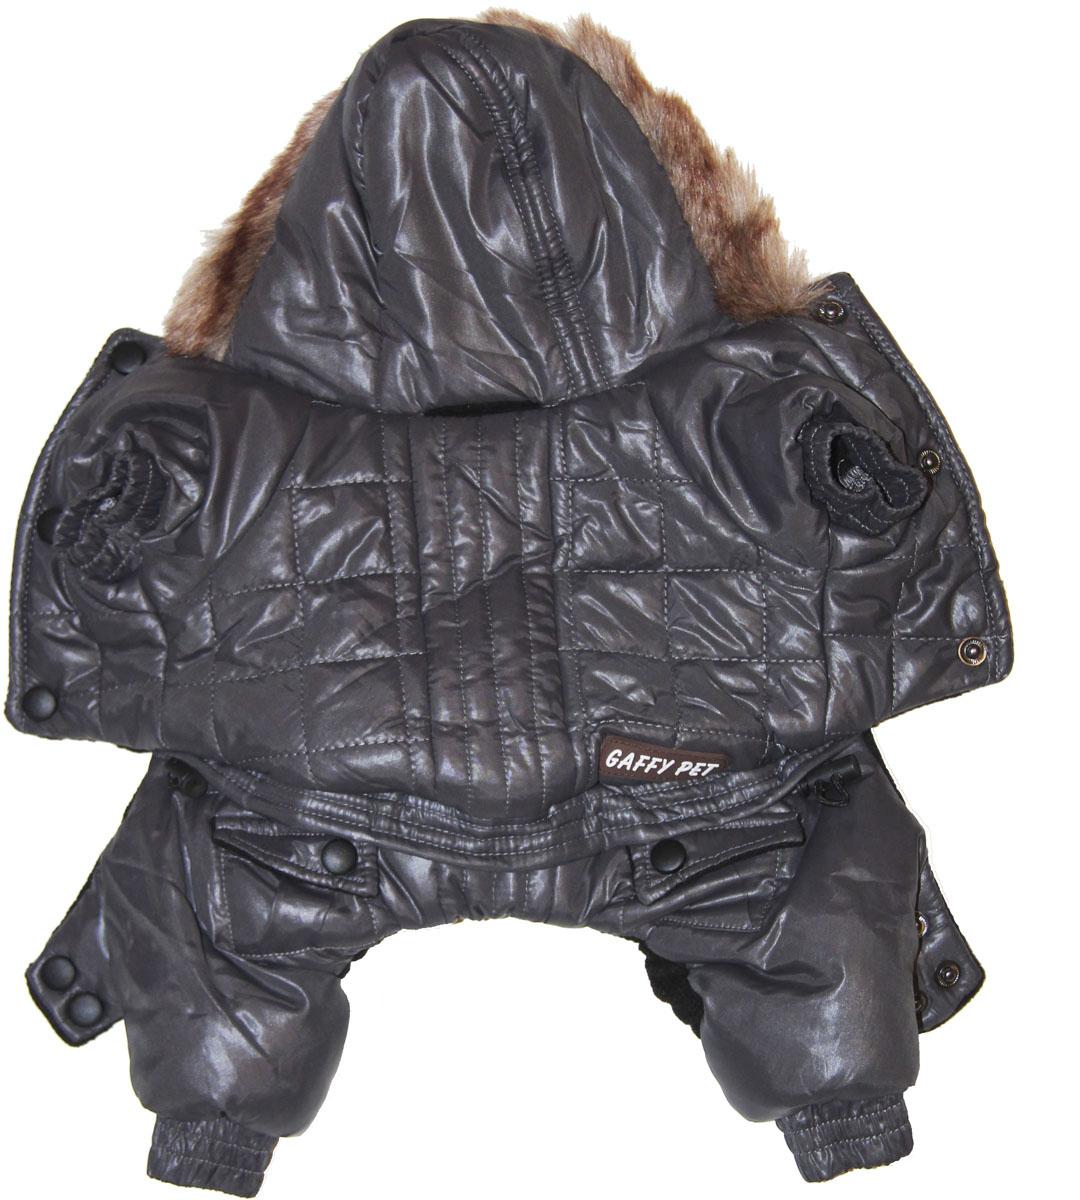 """Фото Комбинезон для собак Gaffy Pet """"Charcoal"""", зимний, для мальчика, цвет: черный. Размер L"""